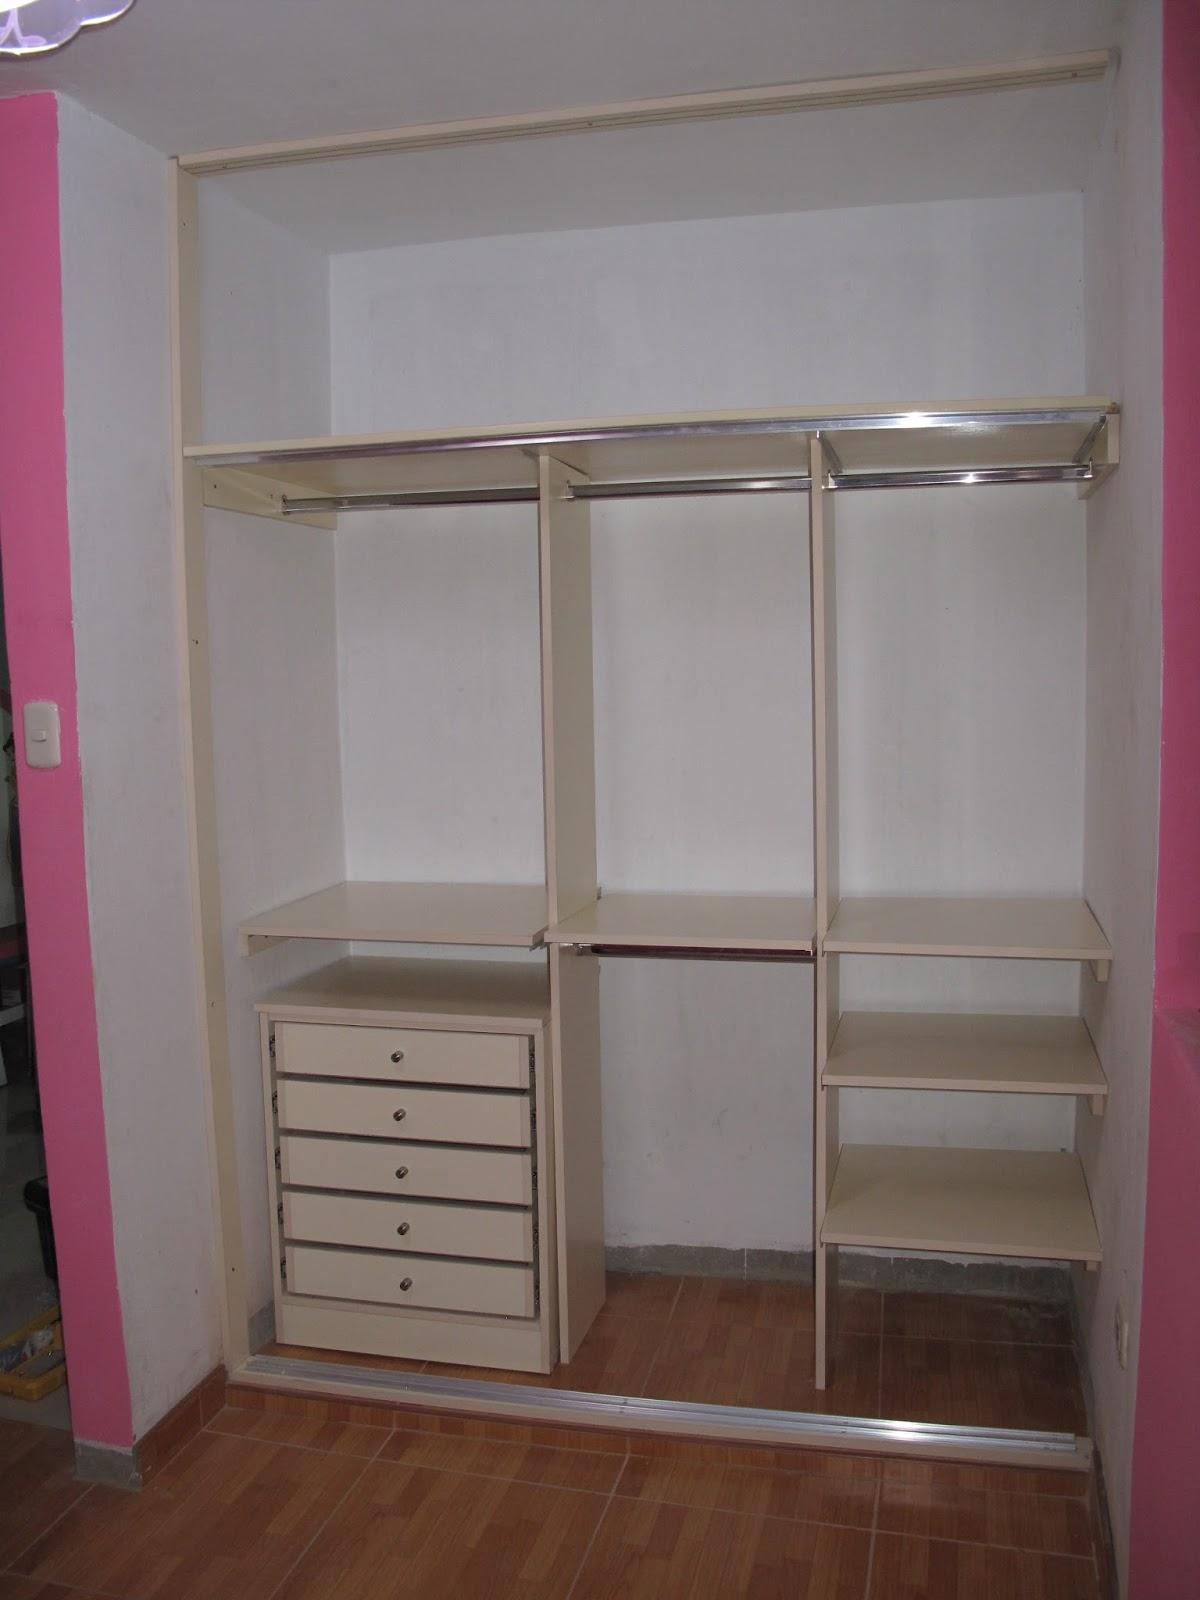 Closet economico closet sencillo y econmico closet for Closets df precios